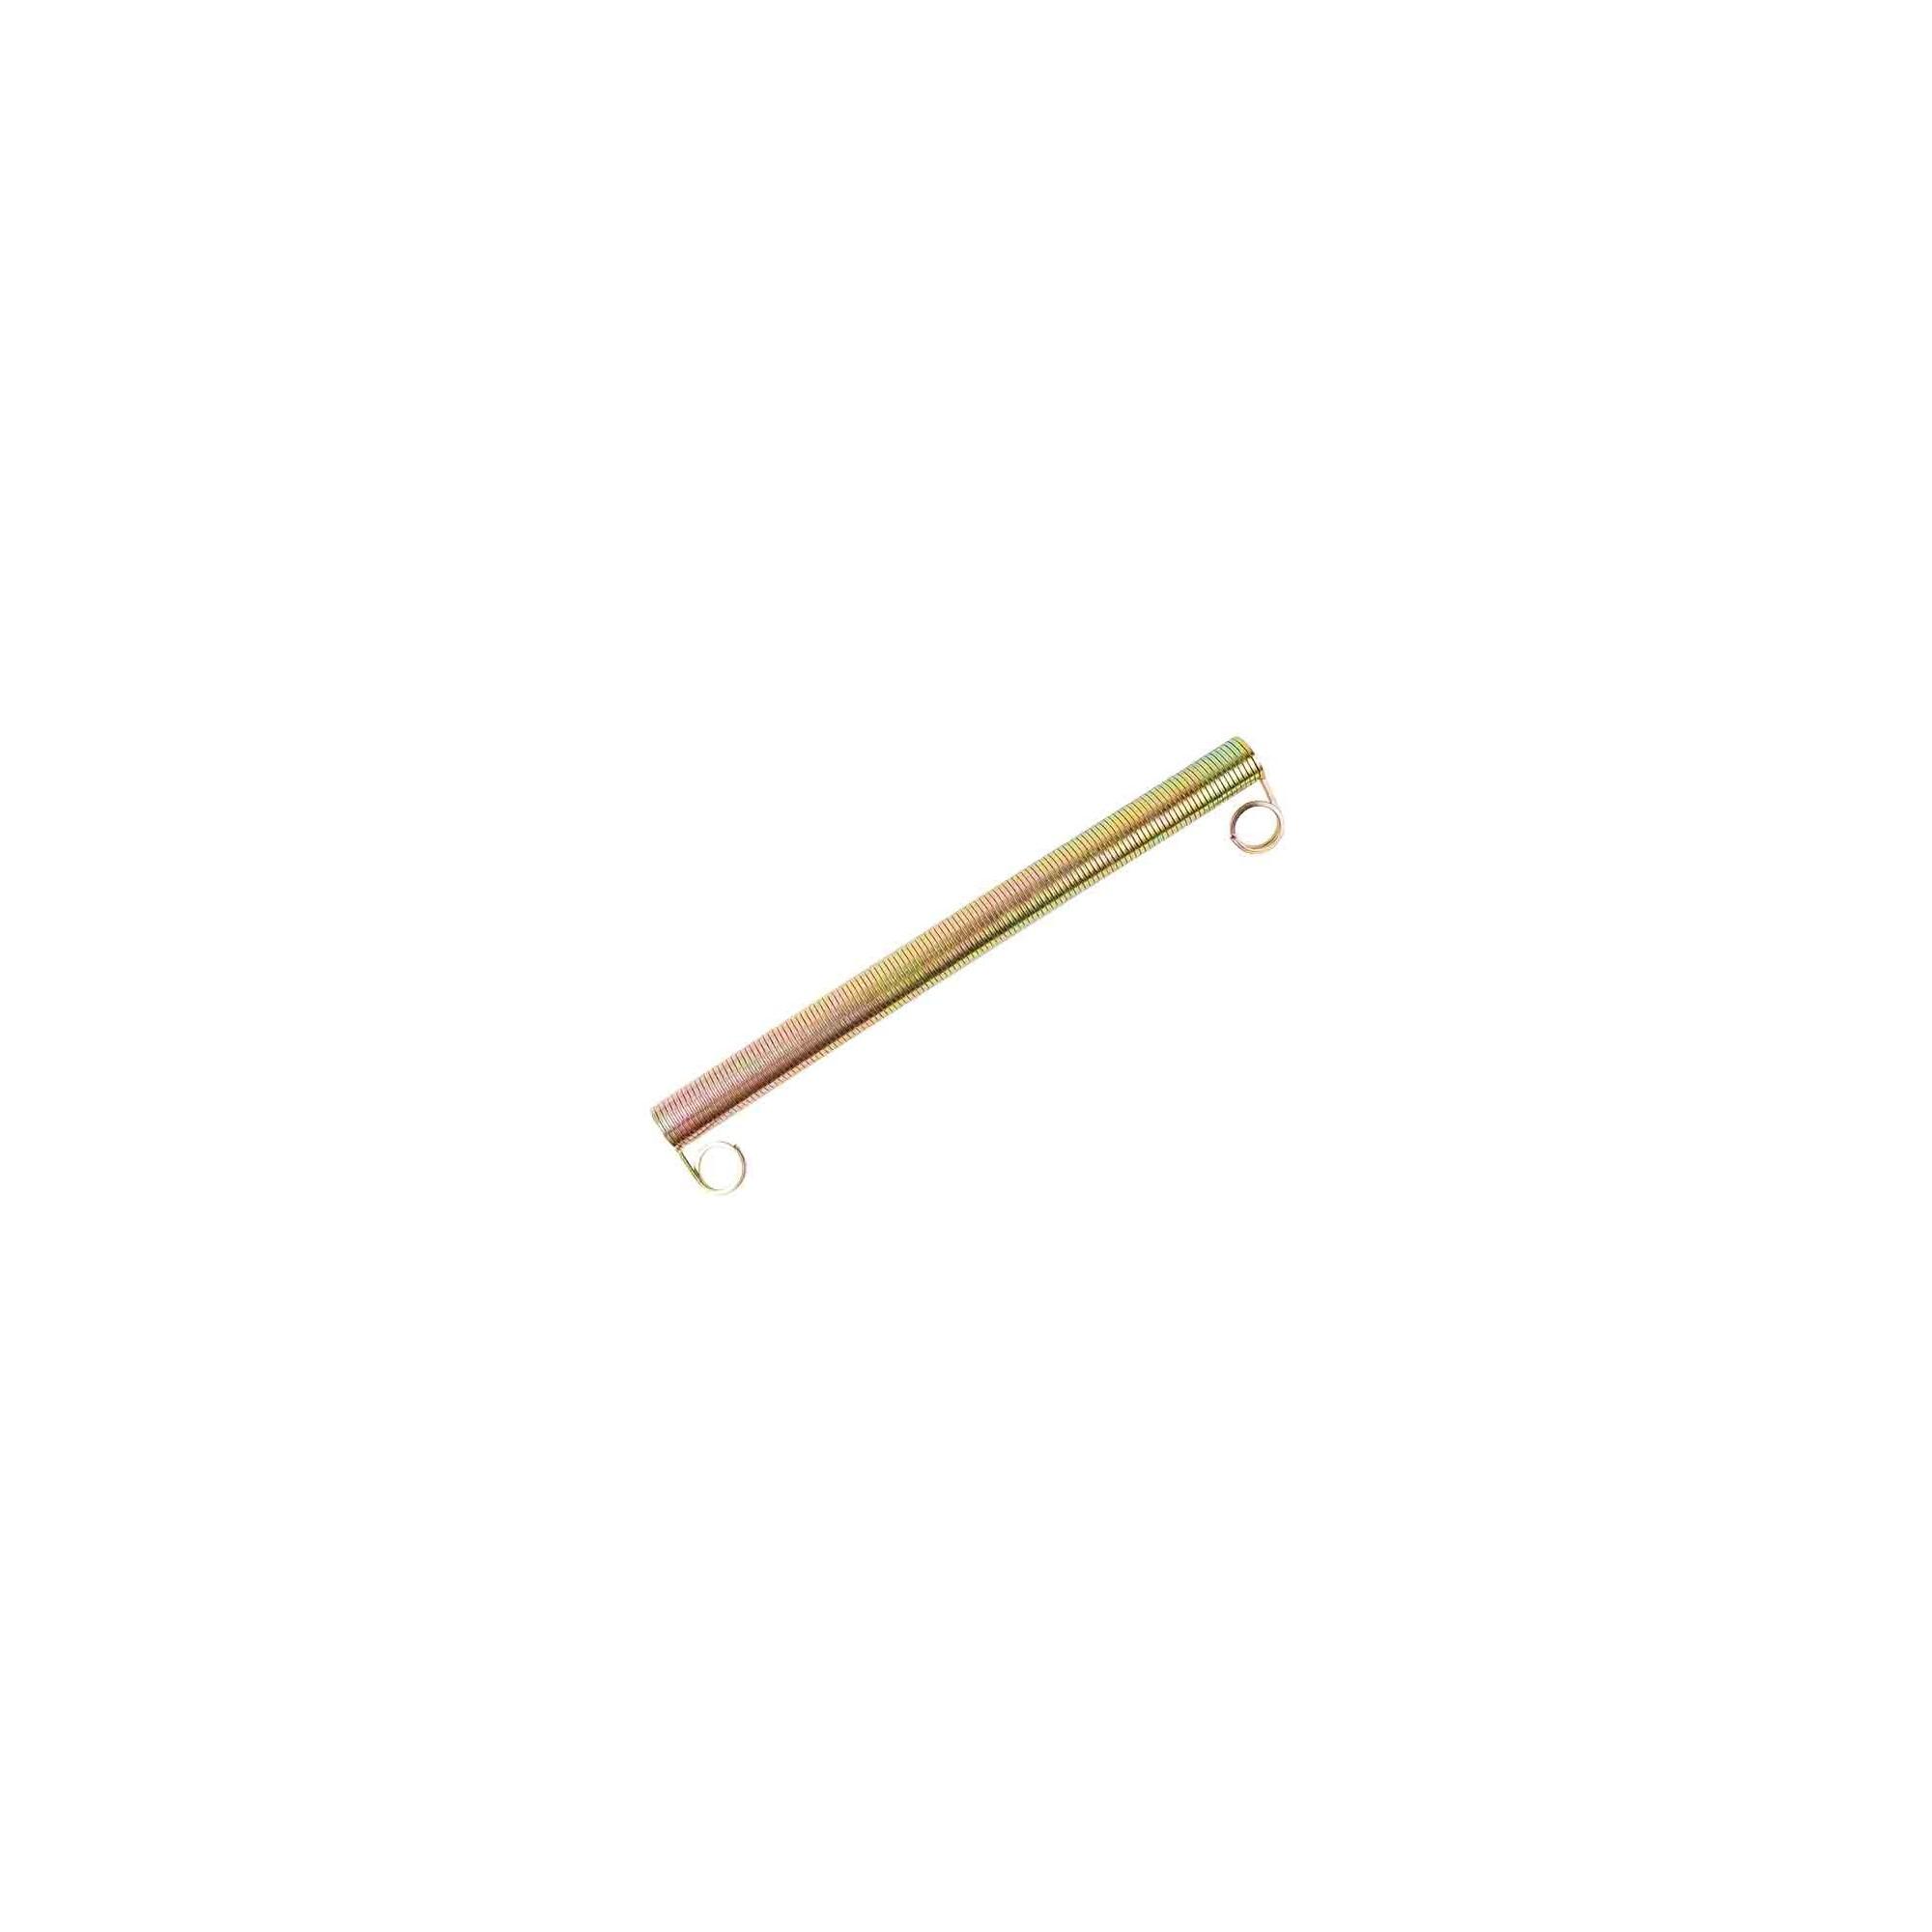 Пружина наружная 22мм для 16 металлопластиковой трубы J.G. - 1